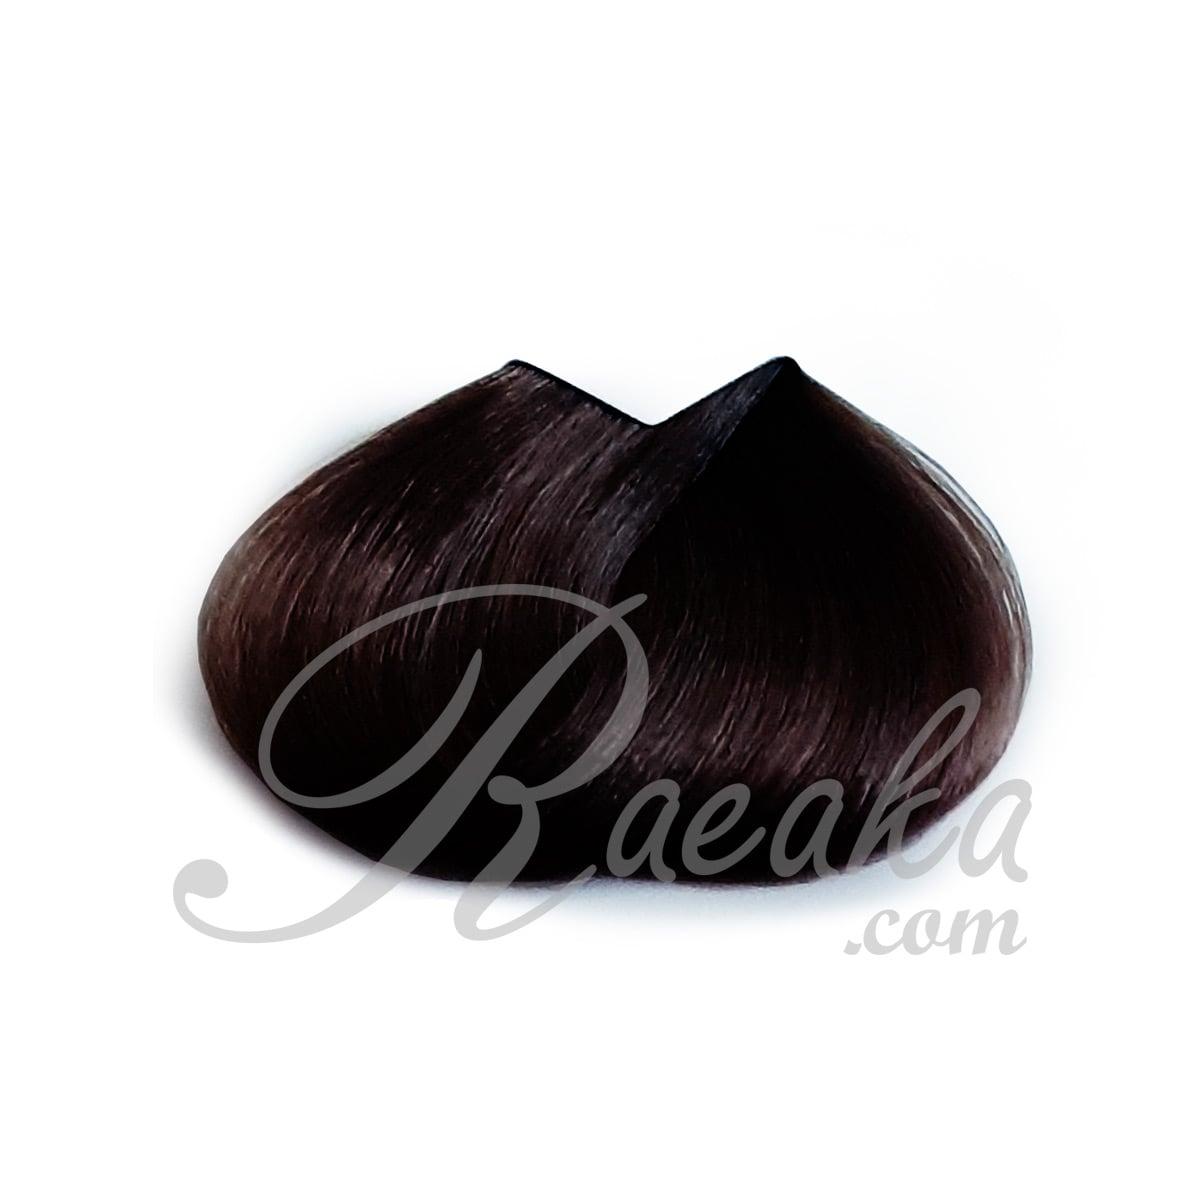 کیت رنگ موی زی فام شماره ۳ (قهوه ای تیره طبیعی) با محافظت سه گانه